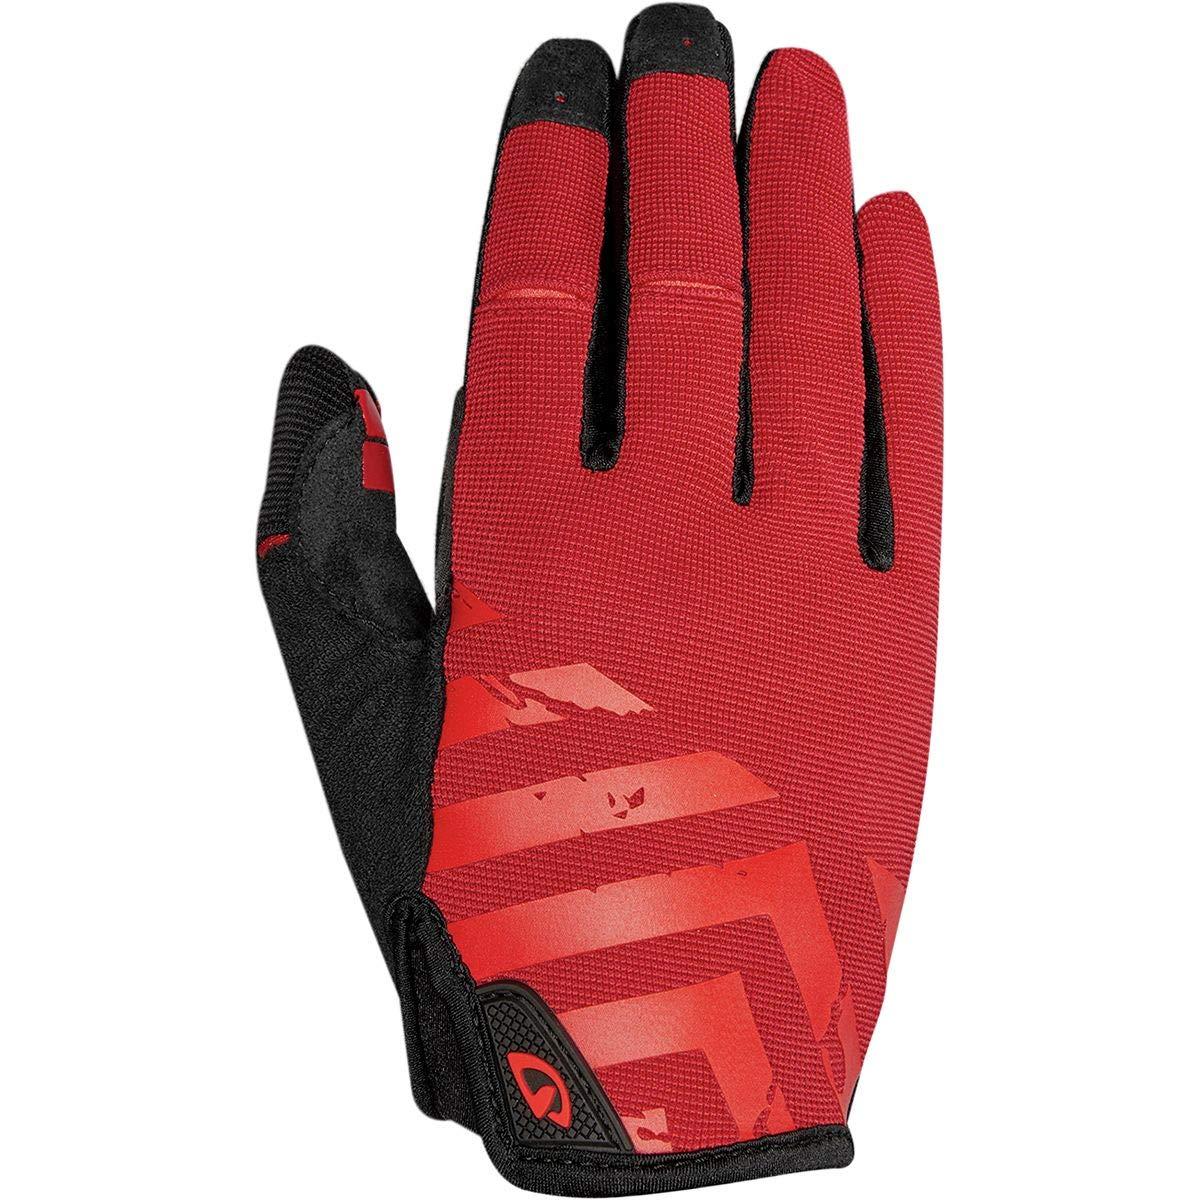 Giro DND Bike Glove - Men's Dark Red/Bright Red Small